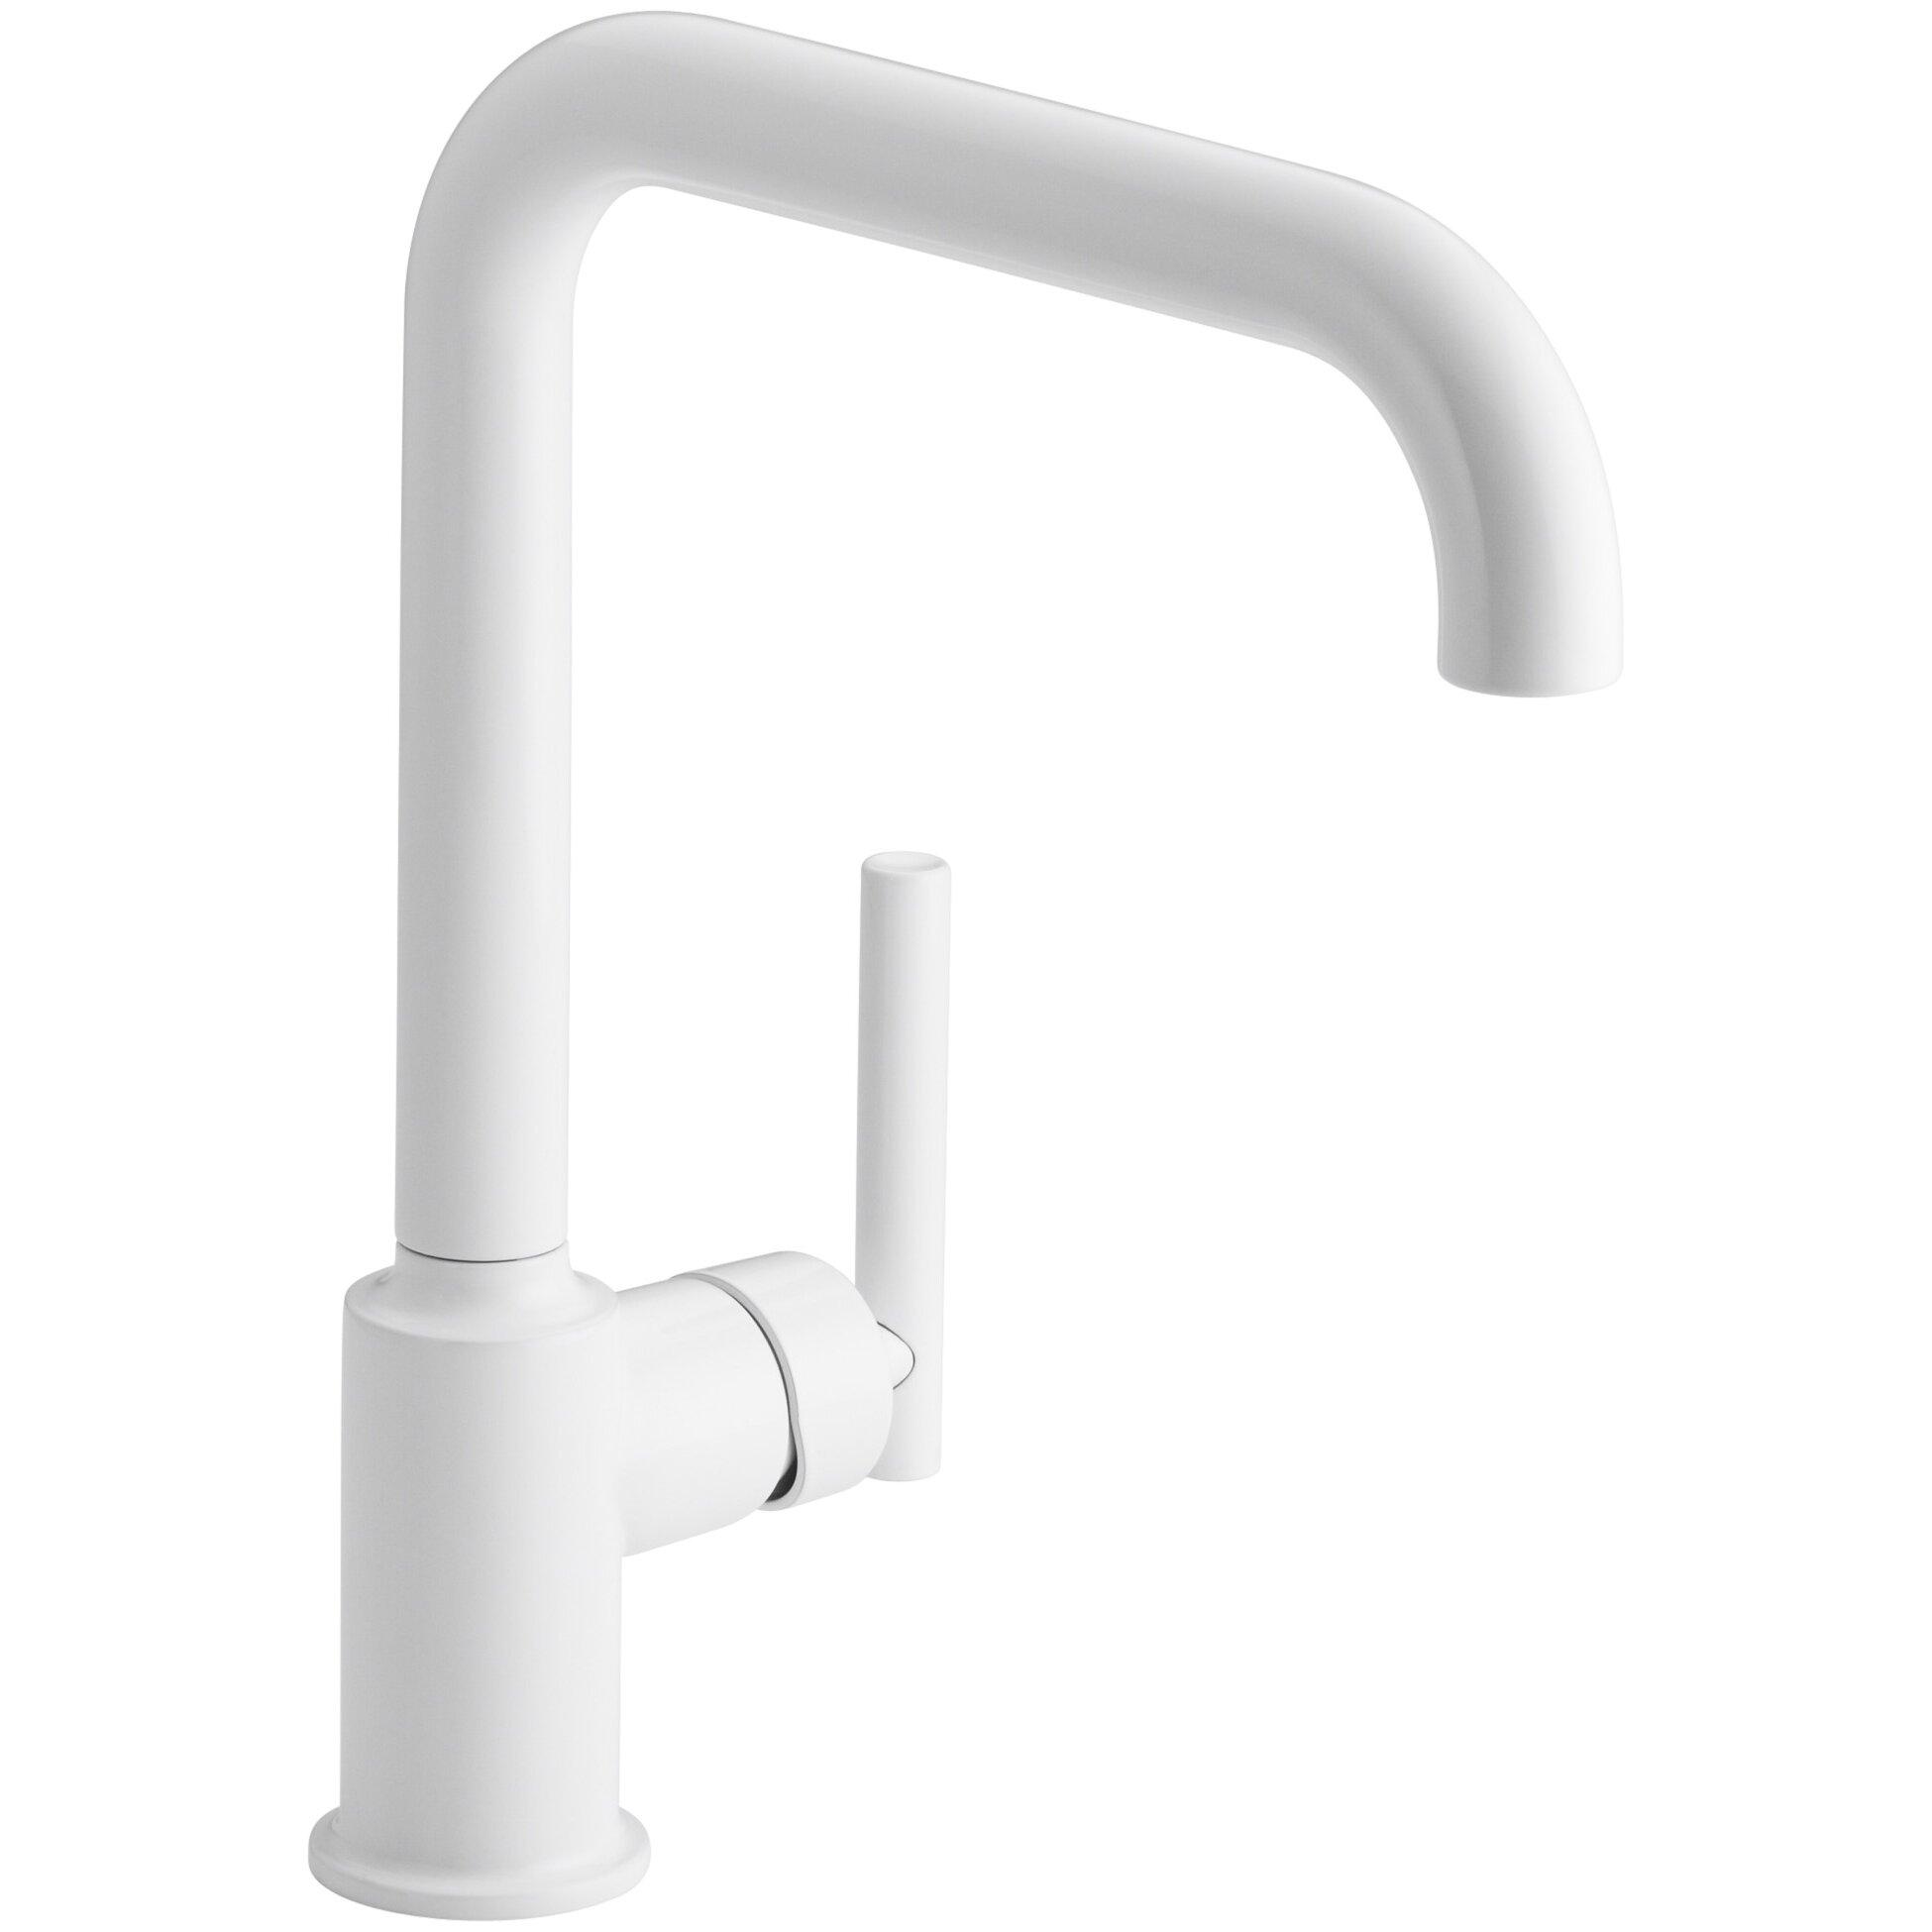 Kohler Purist Single Hole Kitchen Sink Faucet With 8 Spout Reviews Wayfair